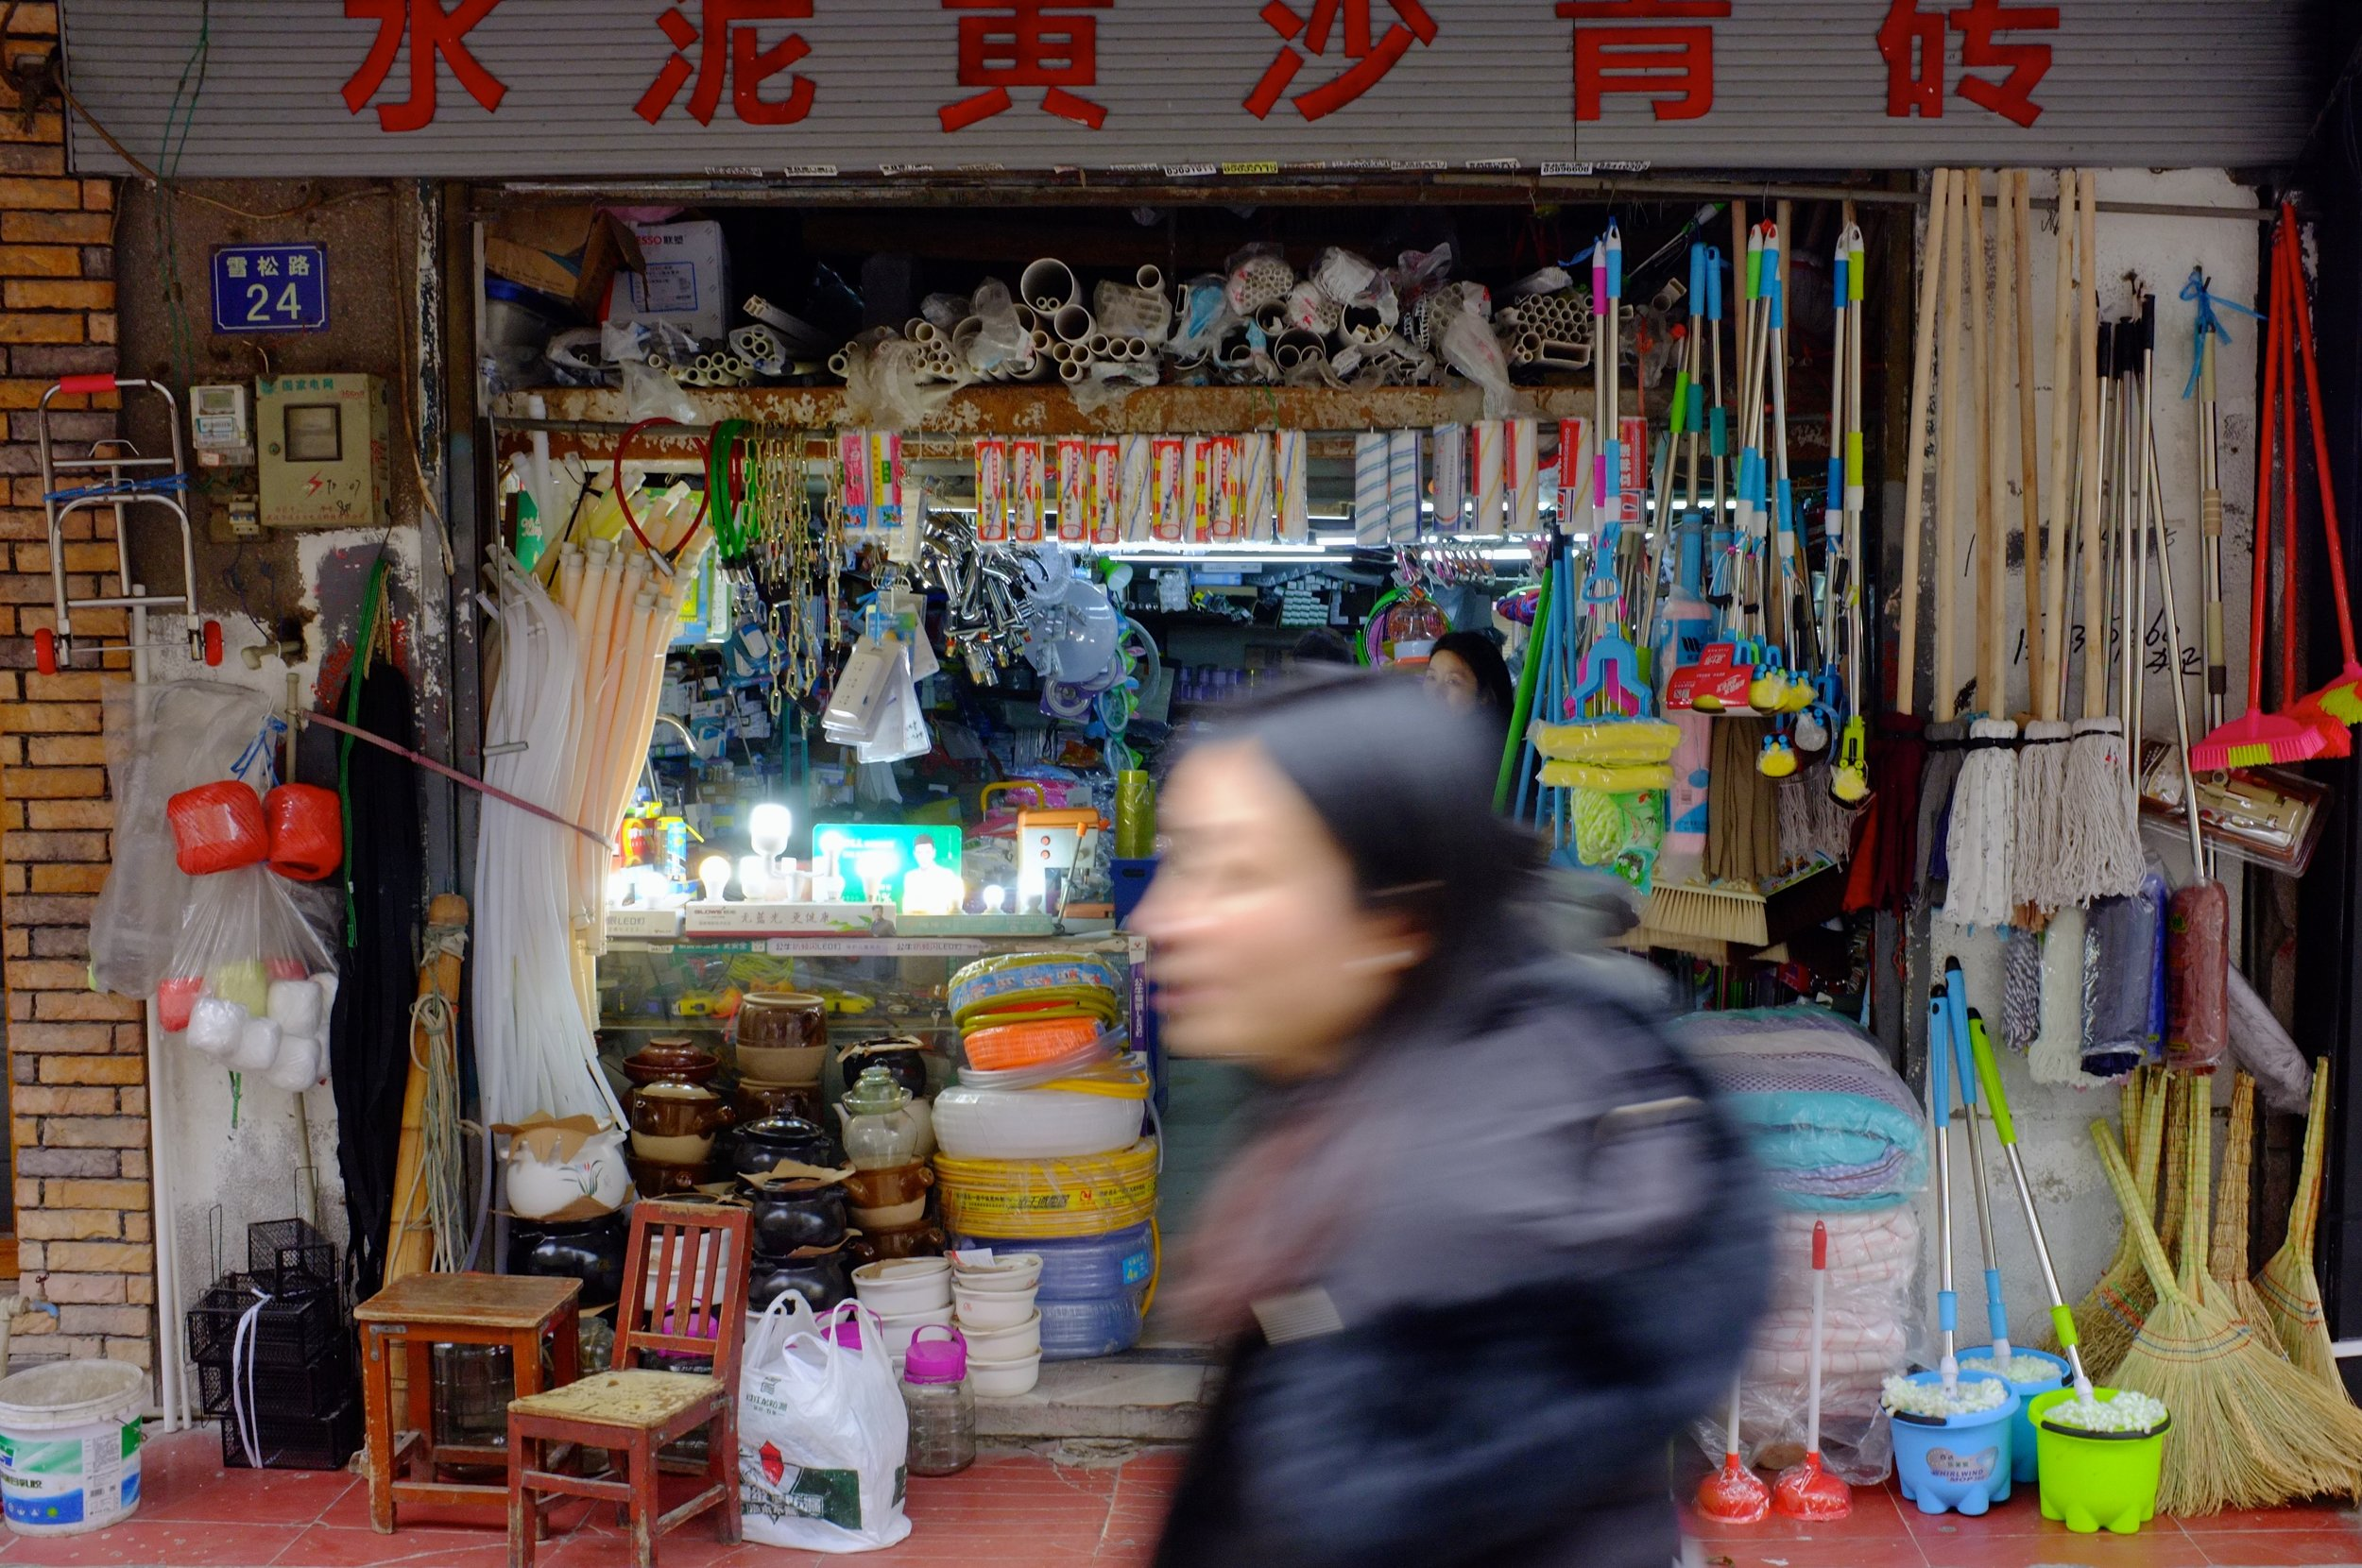 moms & pops stores in Wuhan